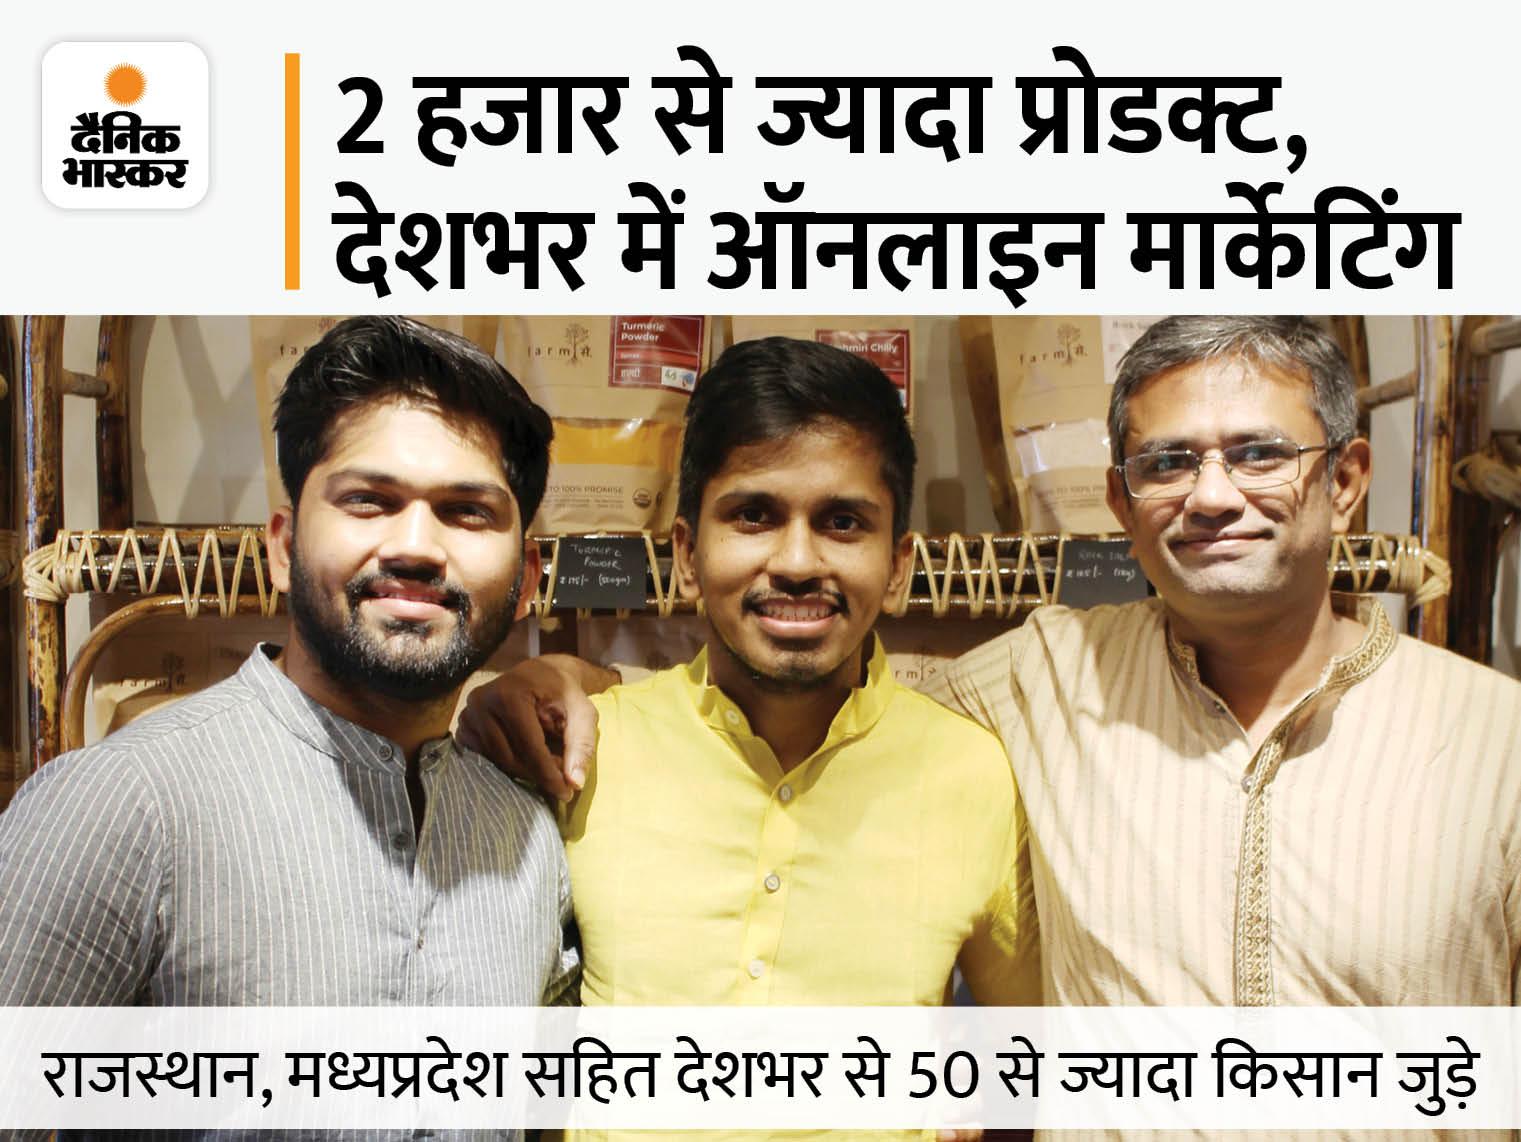 राजस्थान और गुजरात के 3 दोस्त मिलकर किसानों के प्रोडक्ट घर-घर पहुंचा रहे, 4 साल में 1.25 करोड़ का बिजनेस, 15 लोगों को नौकरी भी दी DB ओरिजिनल,DB Original - Dainik Bhaskar